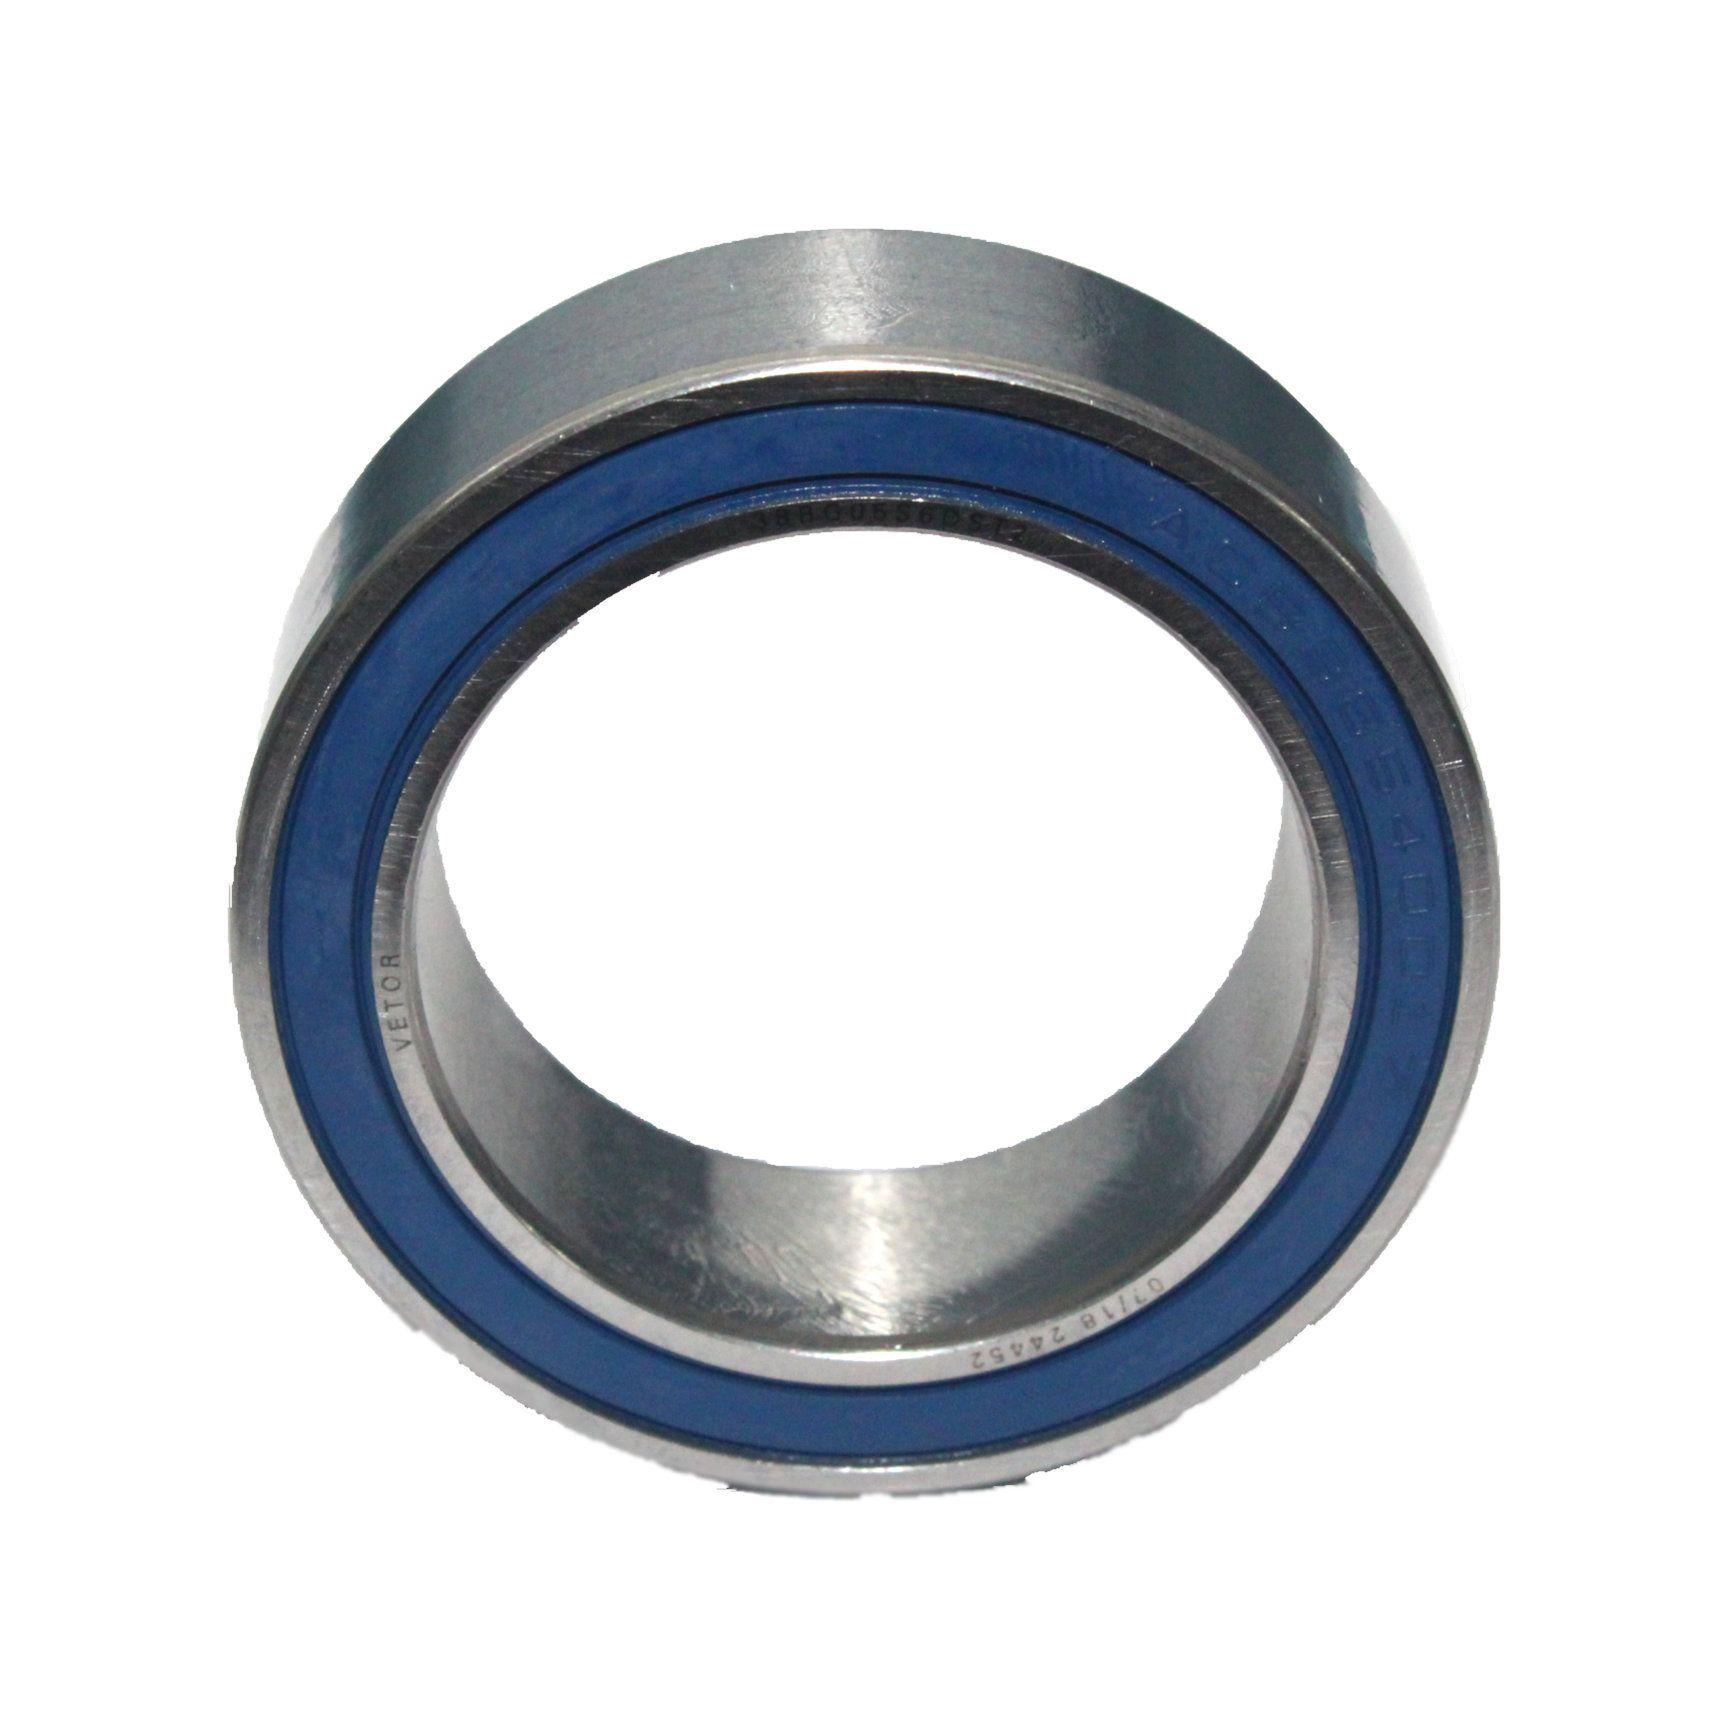 Rolamento Compressor Ar Condicionado Denso Gol 1.0, Palio 1.0, 206  (38 X 54 X 17)